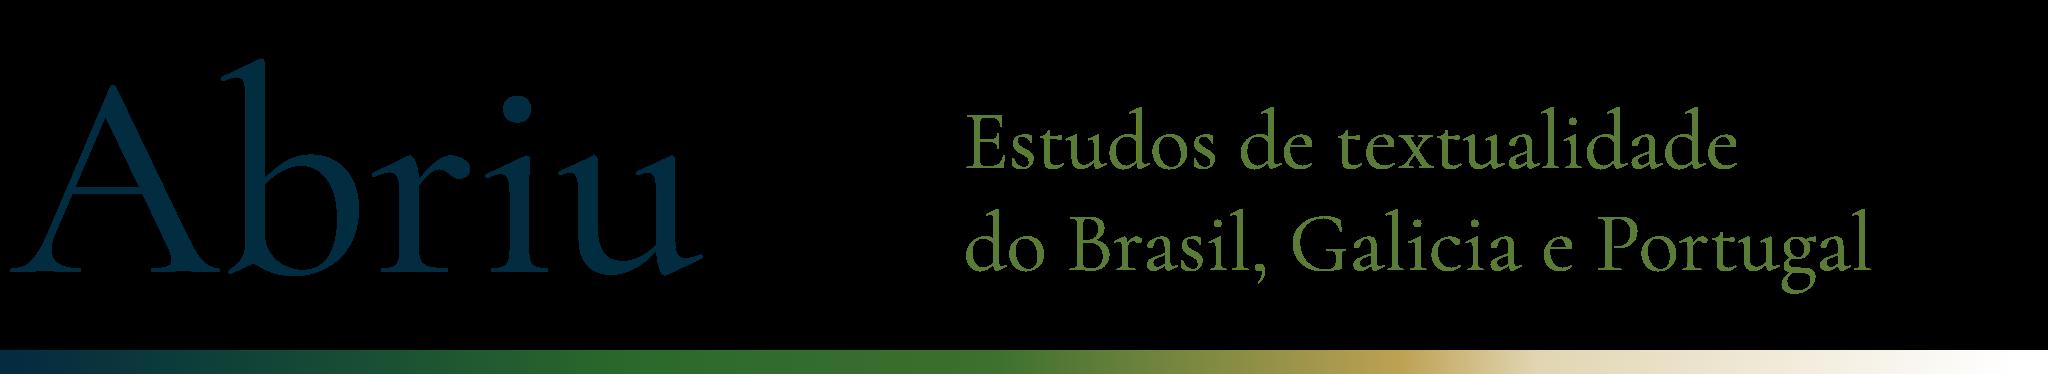 Abriu: estudos de textualidade do Brasil, Galicia e Portugal